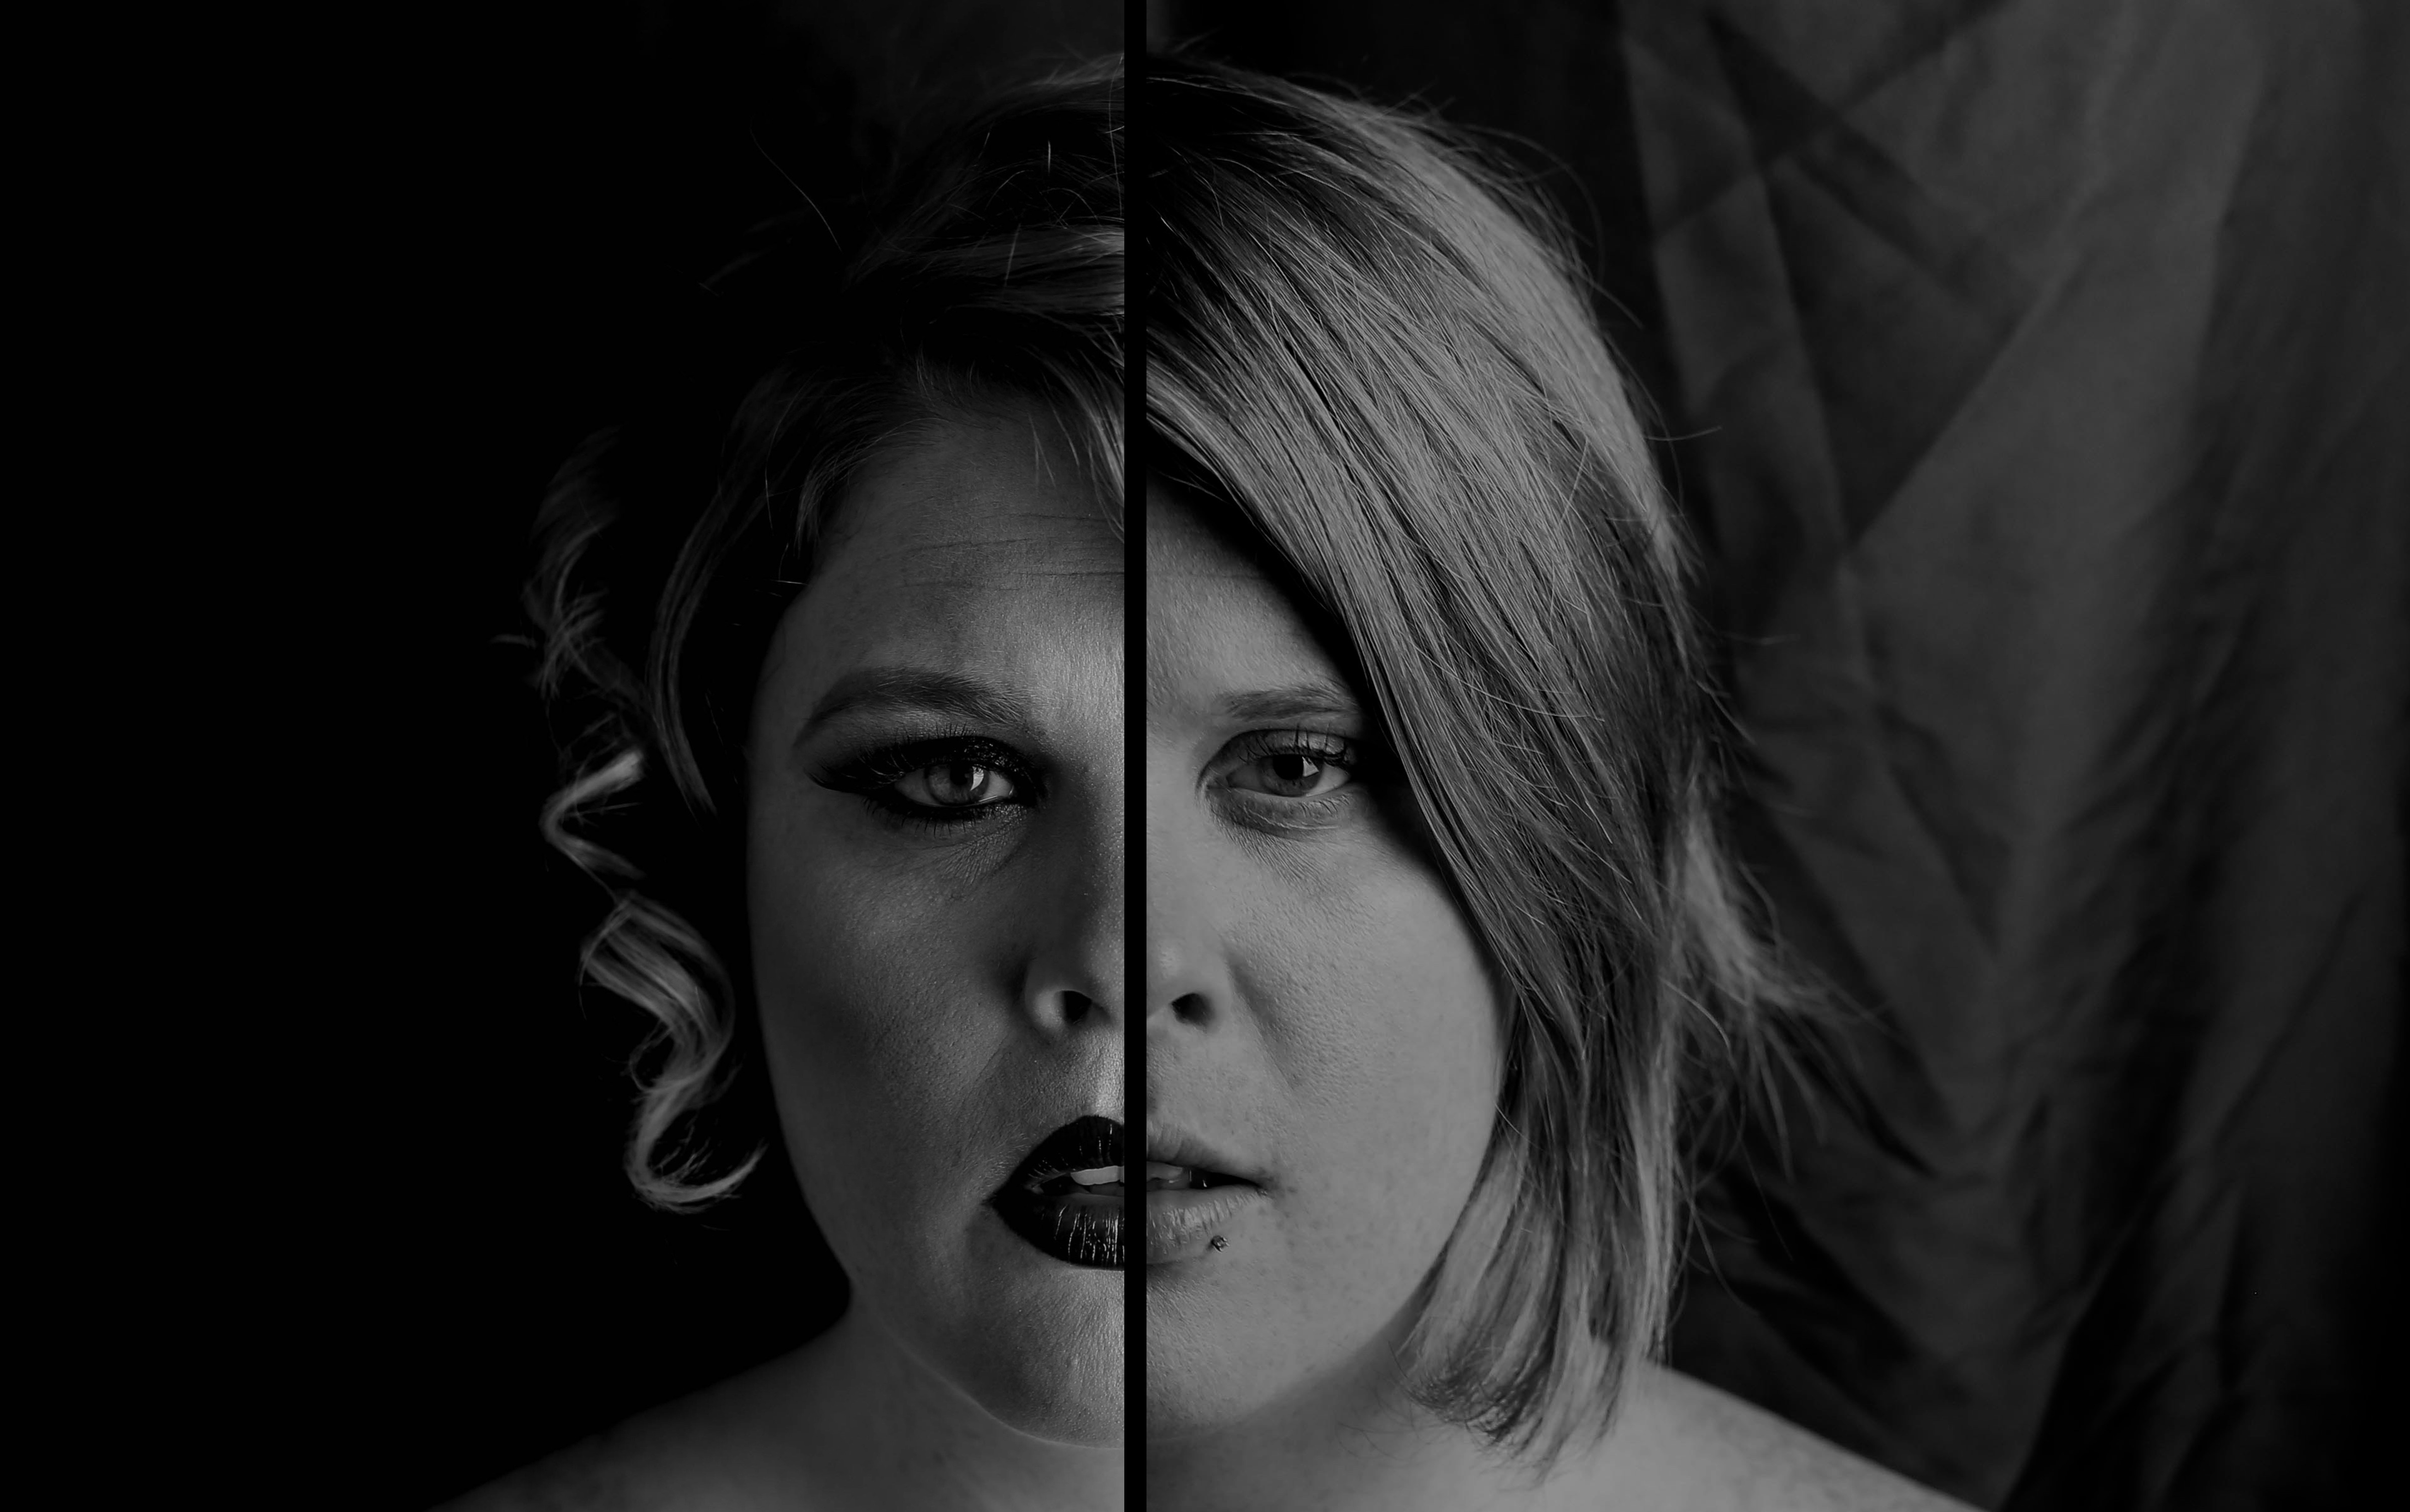 Heather Mae - I am Enough